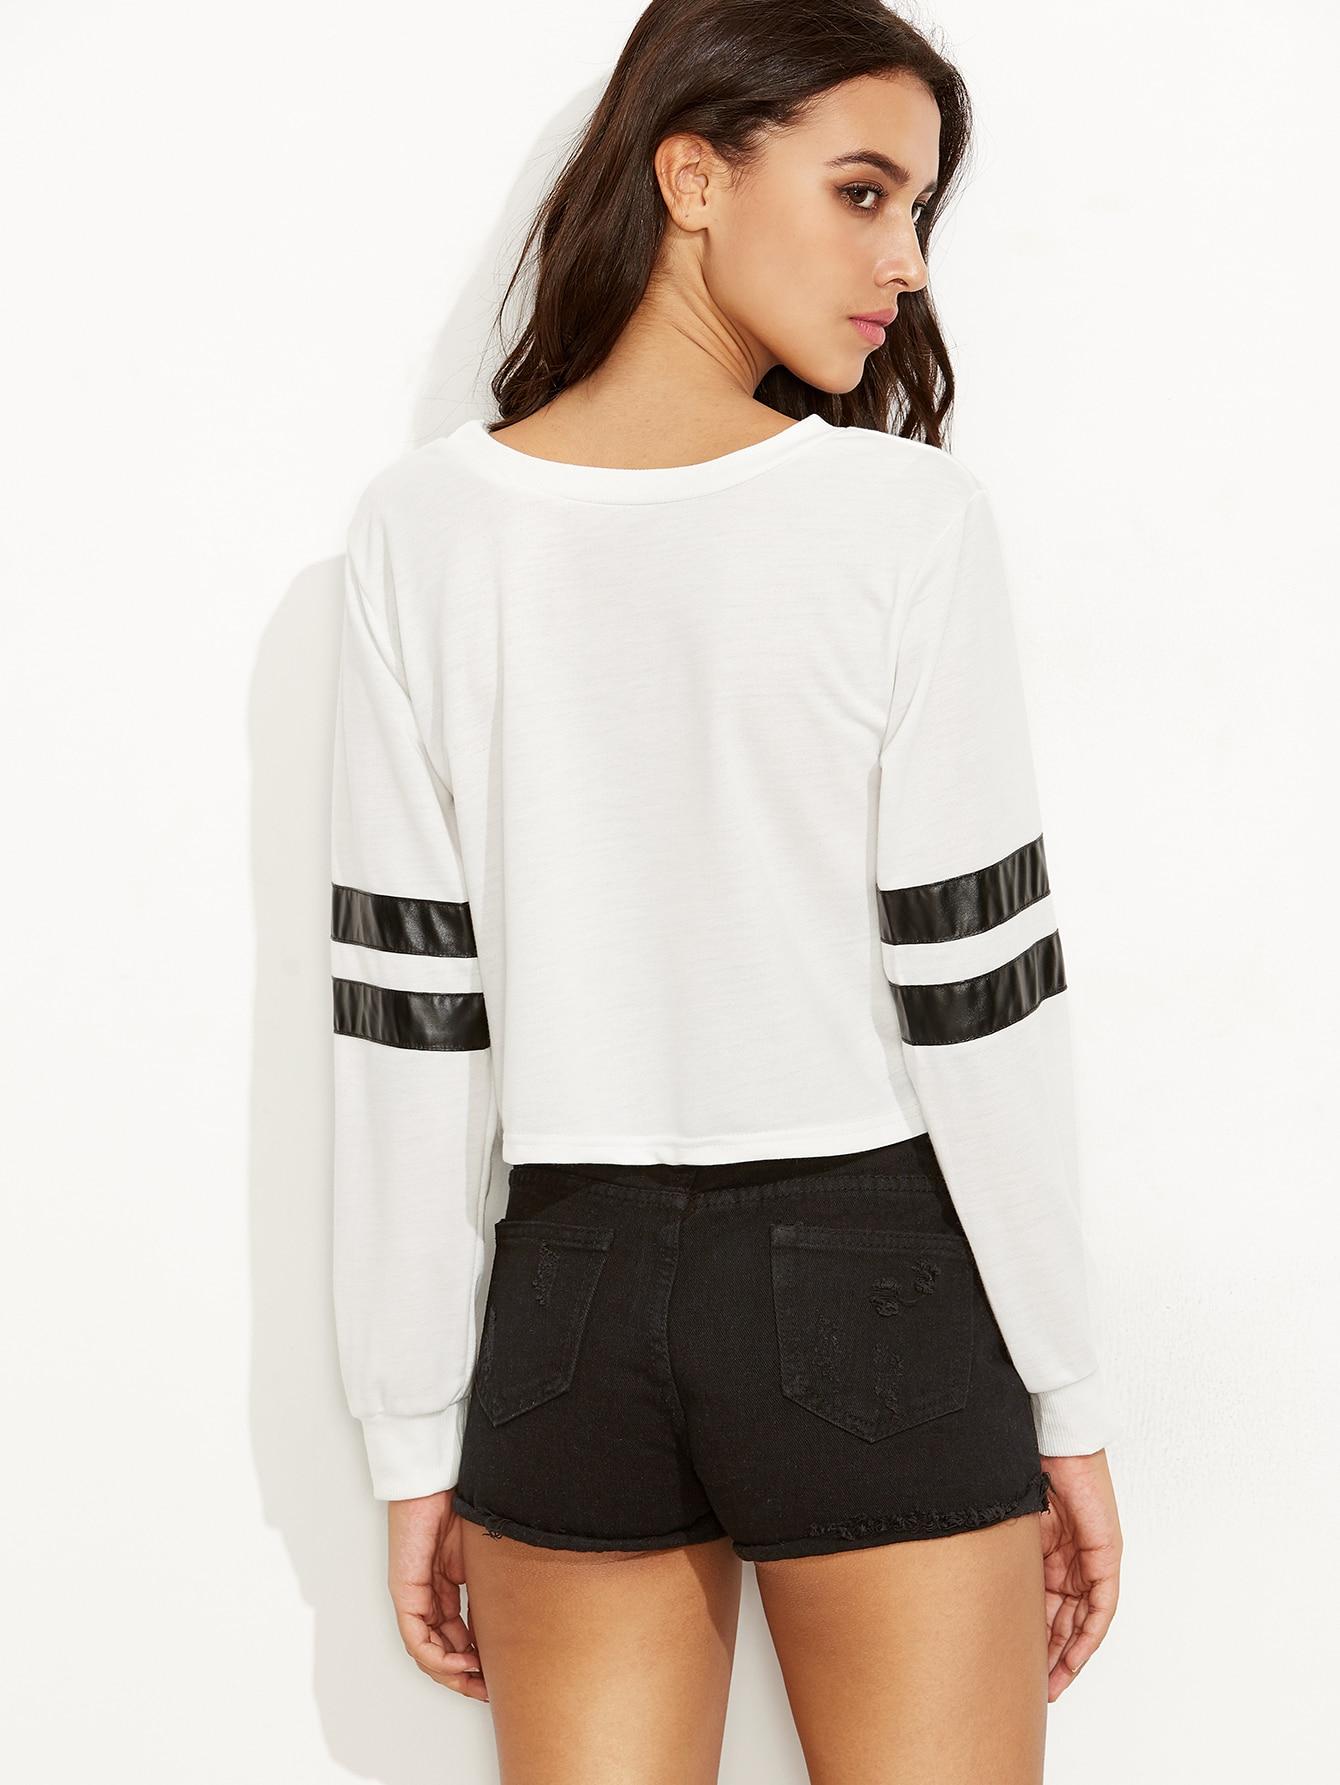 sweatshirt160811321_2